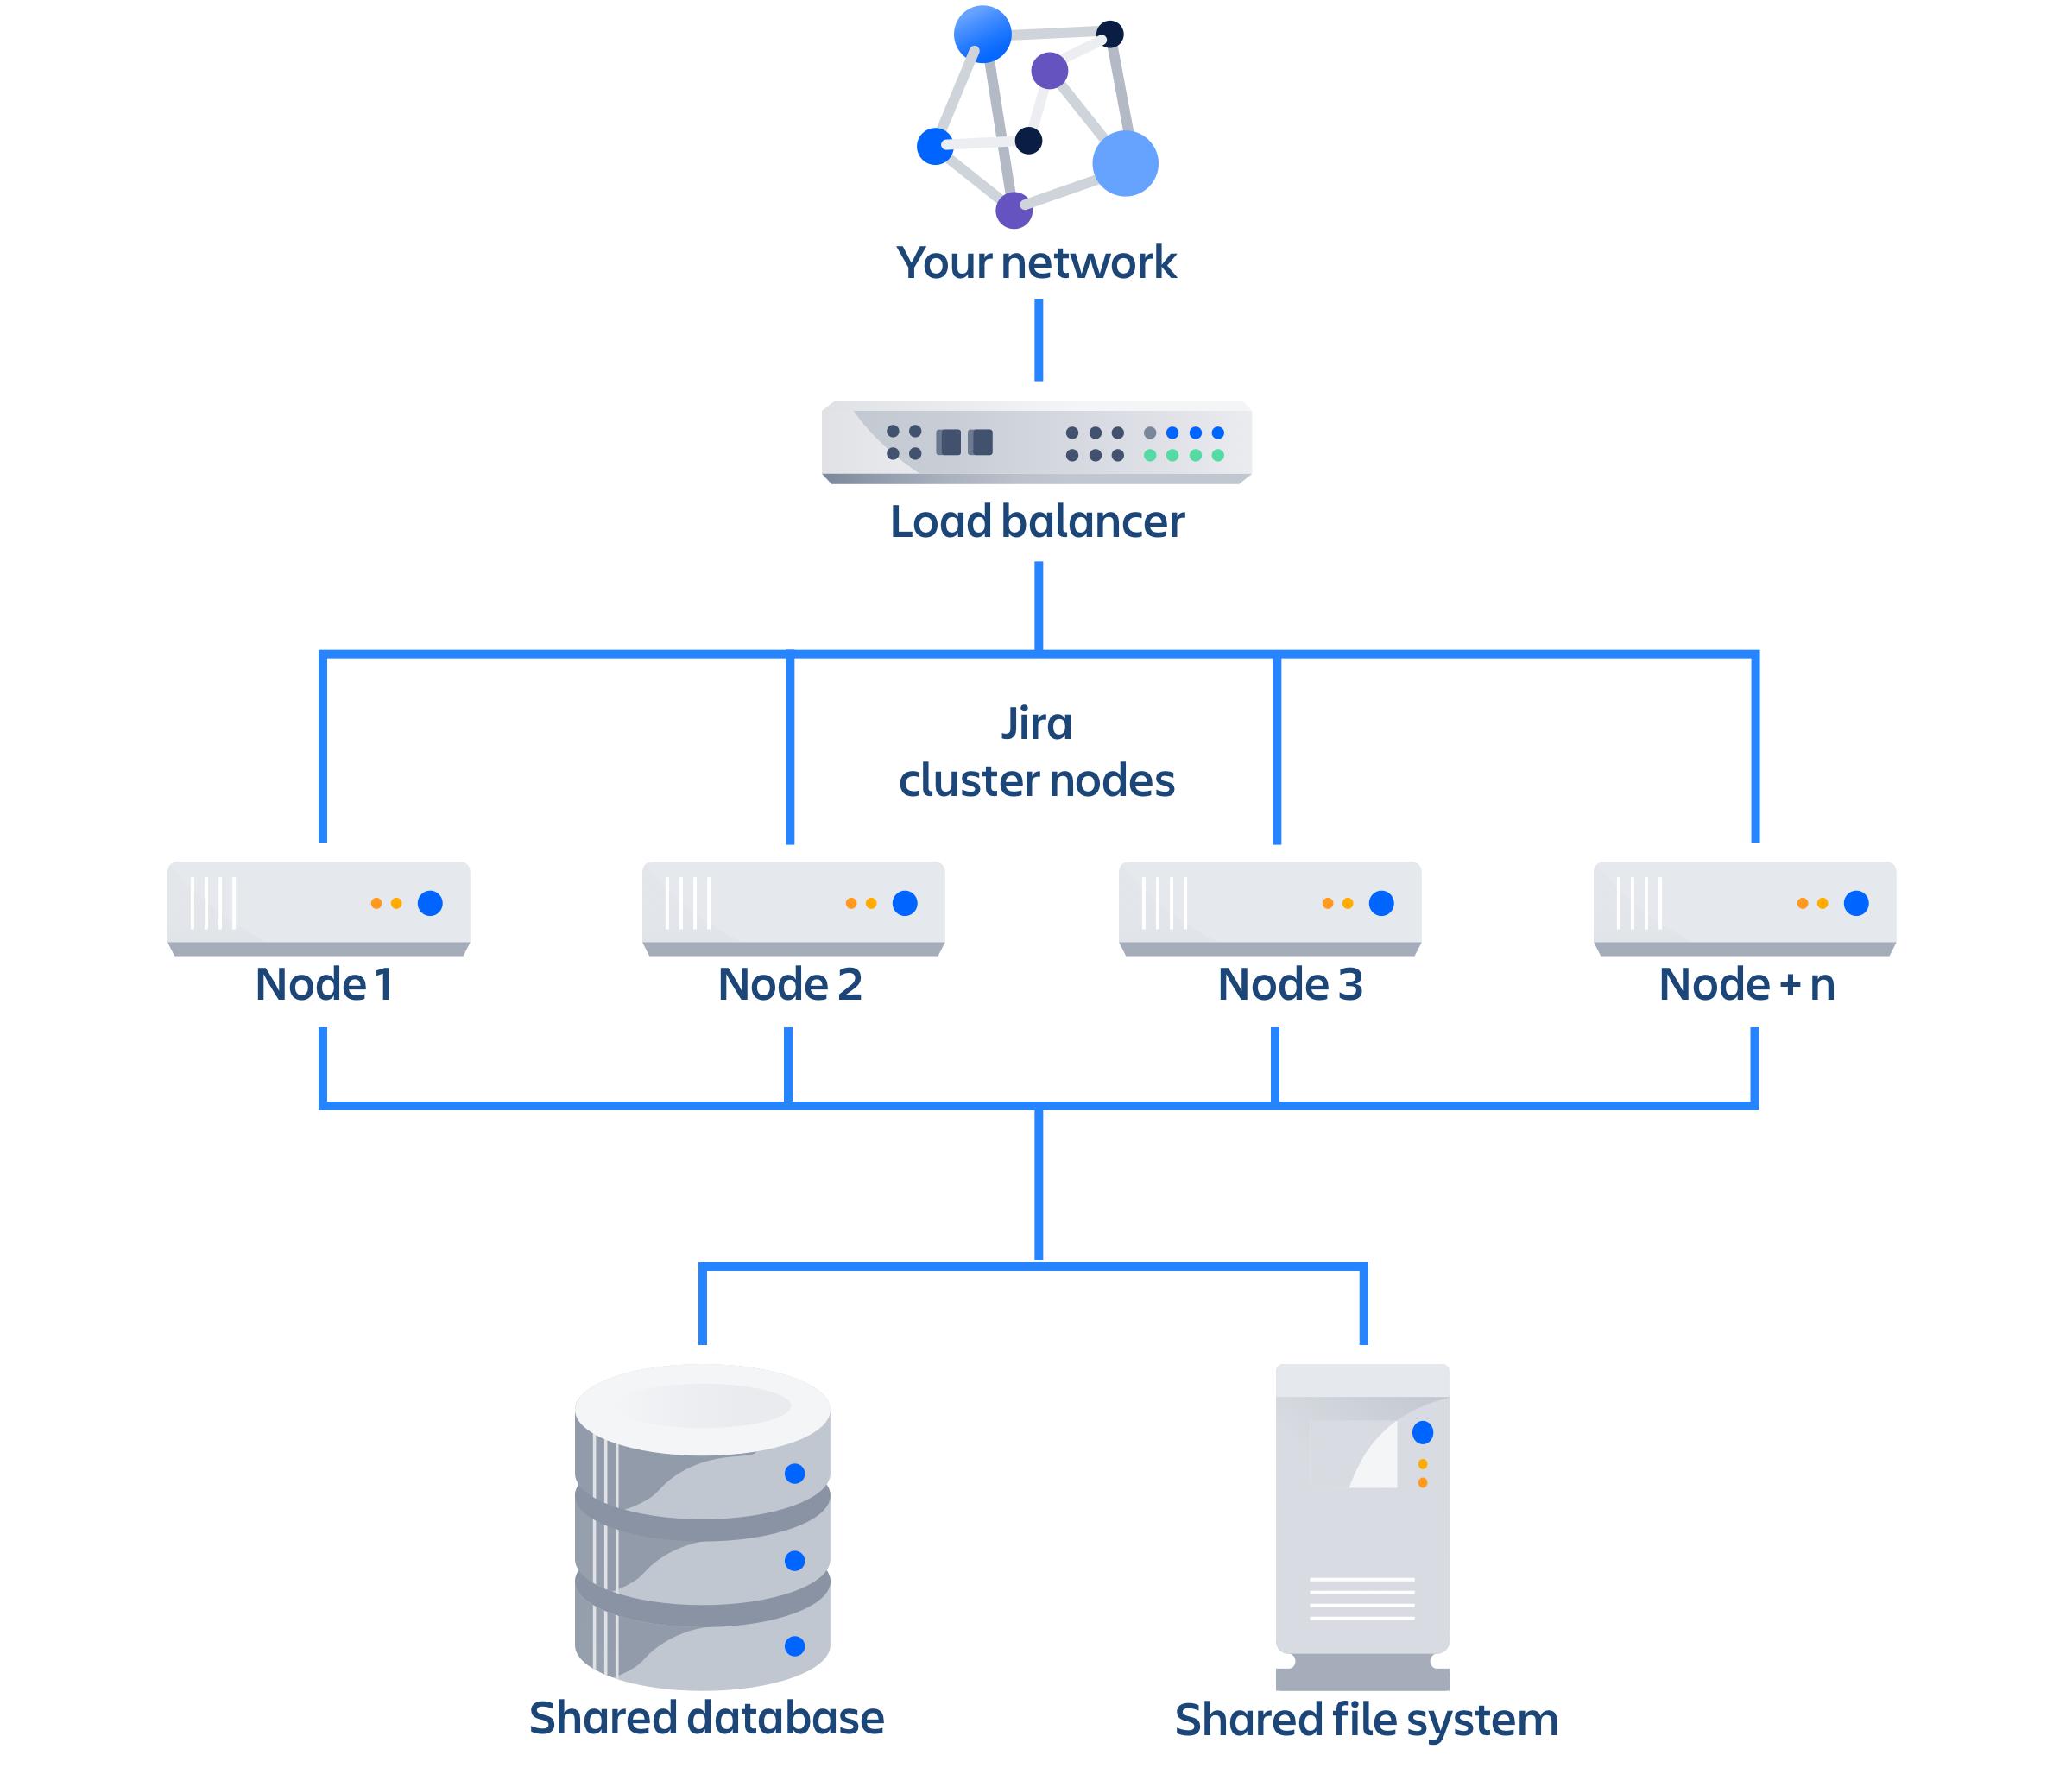 クラスタ化された Data Center のアーキテクチャ。